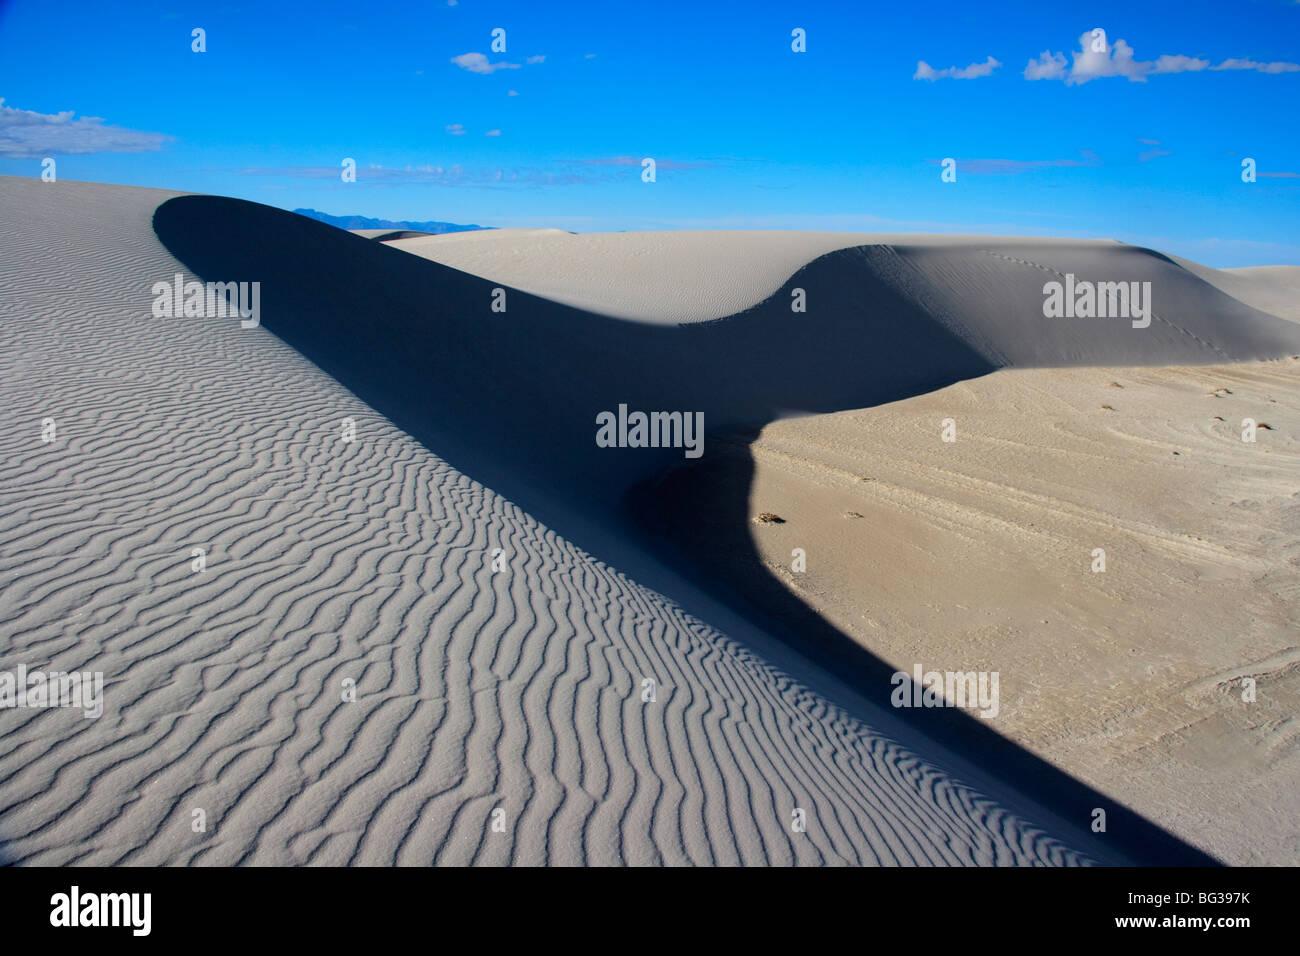 La maison des dunes de sable blanc de Nouveau Mexique. Ces dunes sont jamais déménagement en raison de l'effet des vents avec l'ondulation Banque D'Images